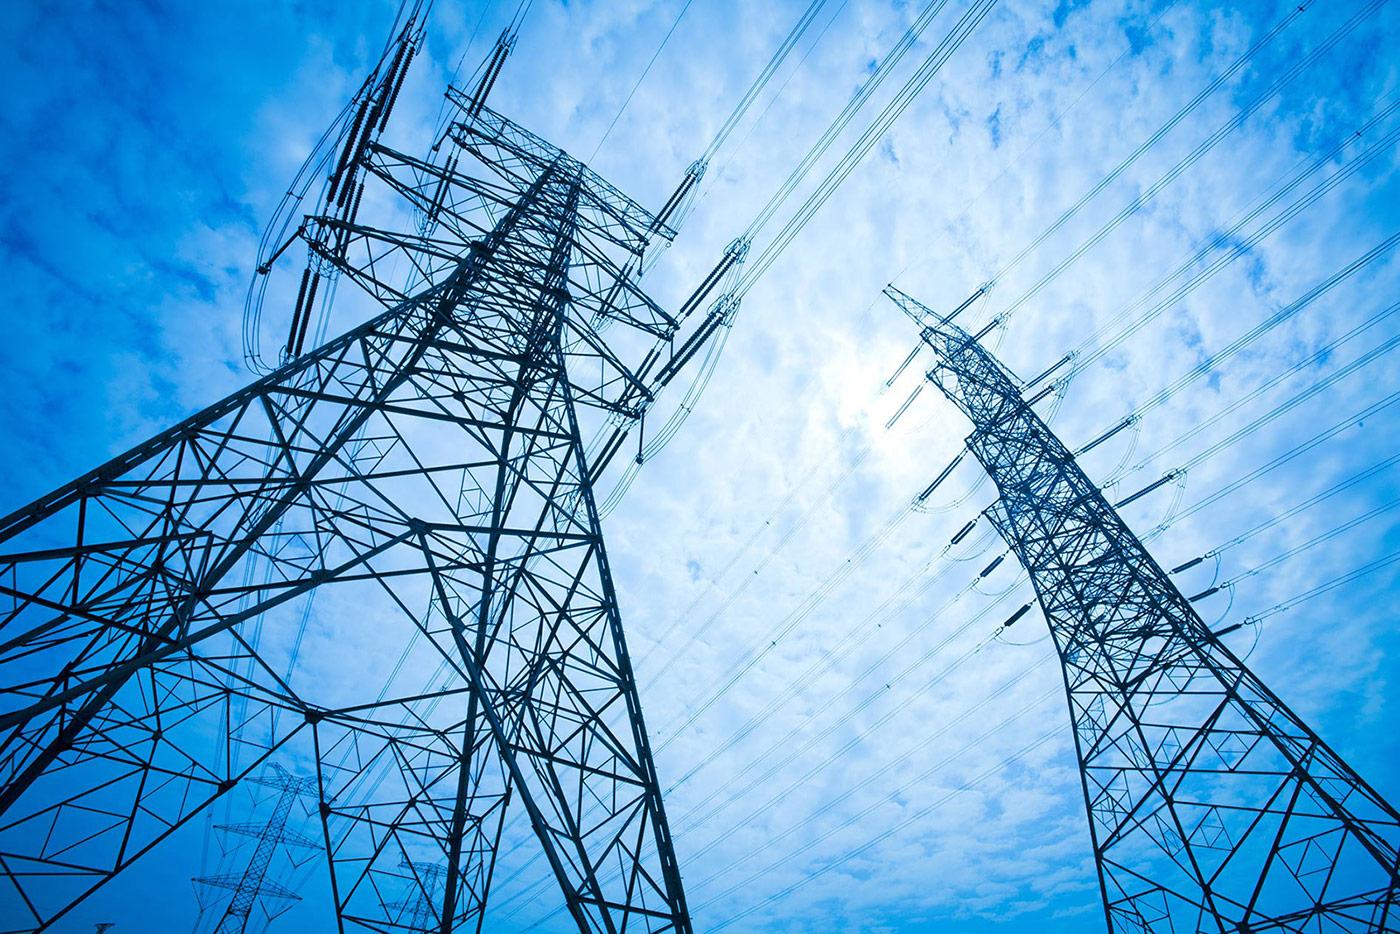 elektrik-piyasasinda-lisanslama